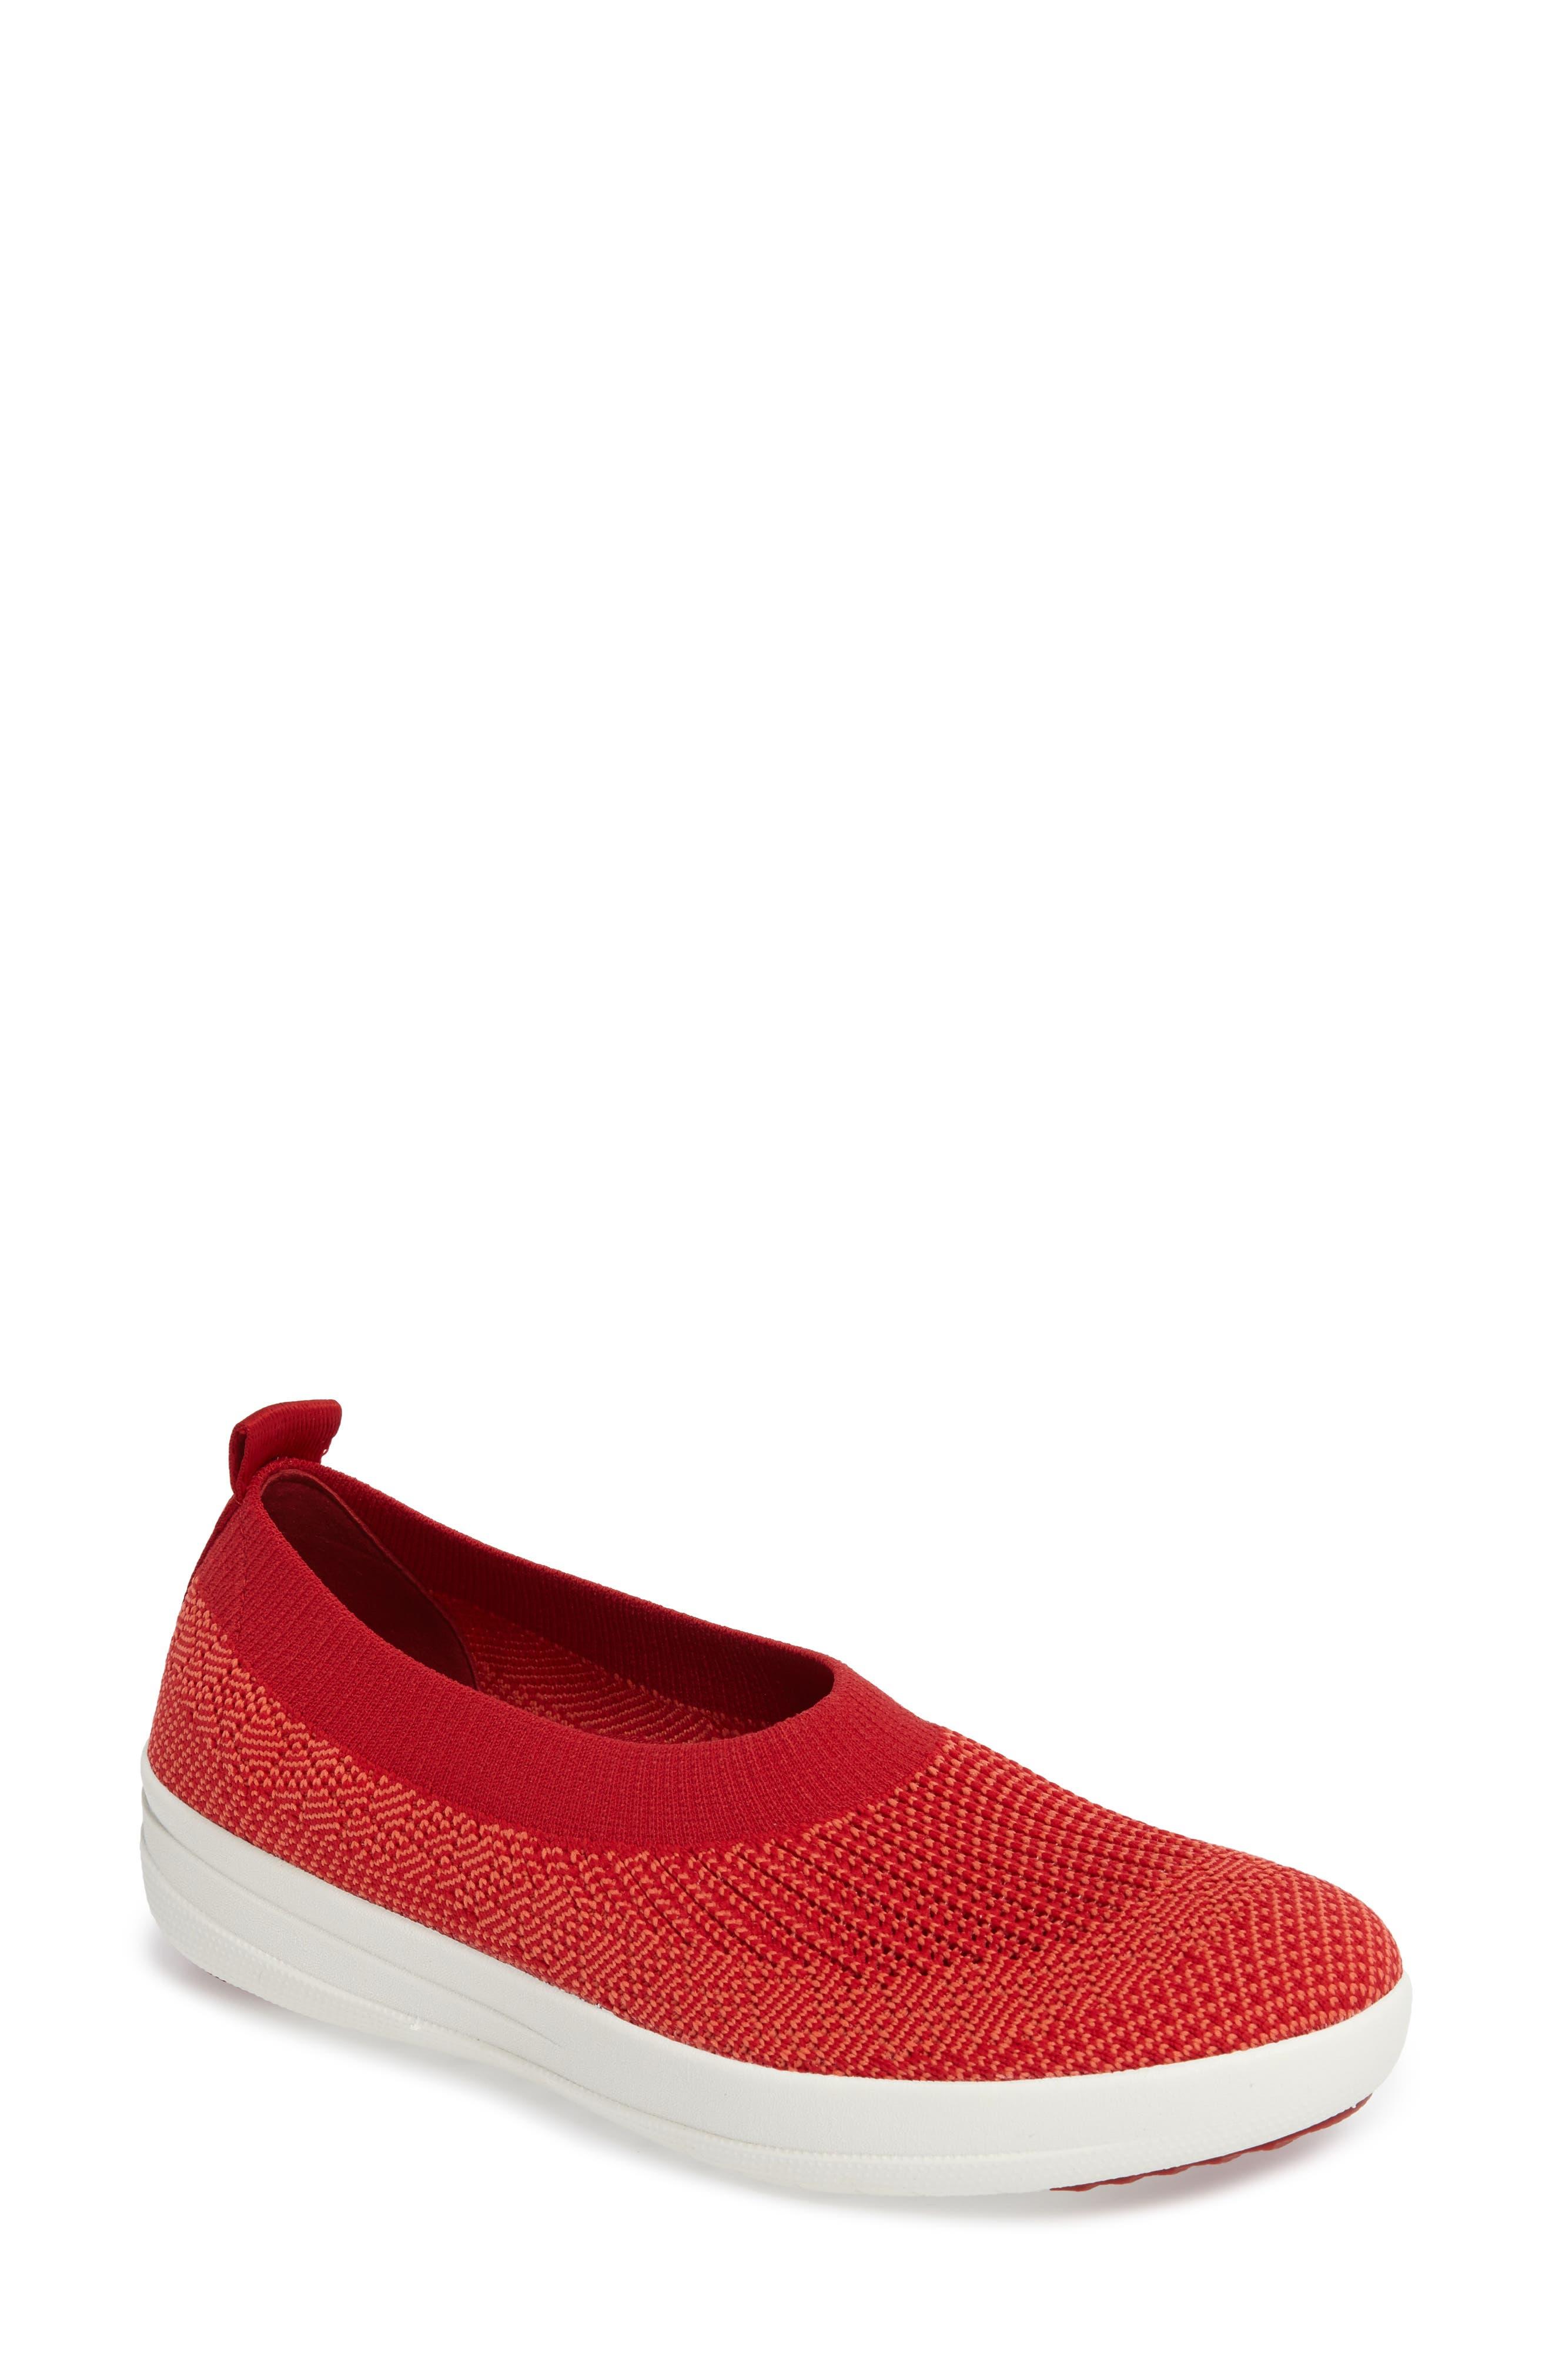 Uberknit Slip-On Sneaker,                             Main thumbnail 5, color,